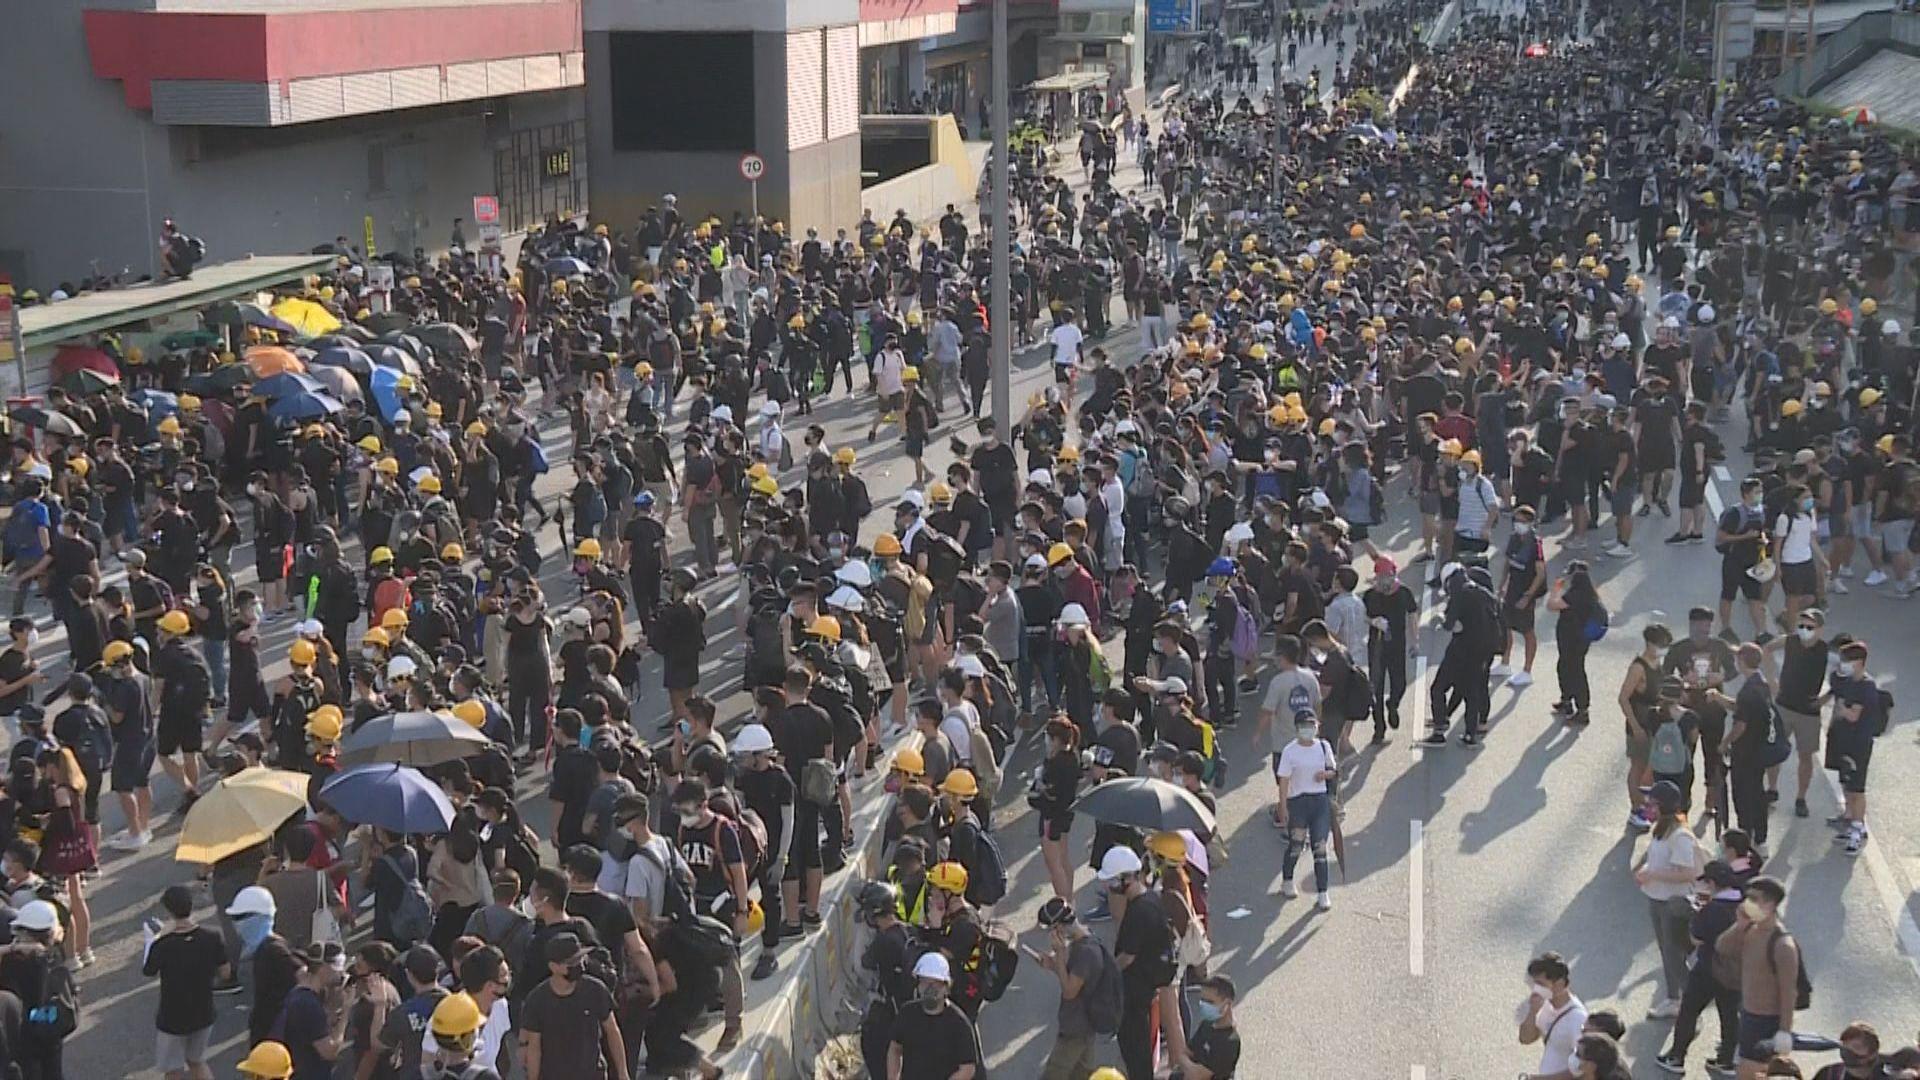 黃大仙龍翔道被佔據 交通嚴重受阻